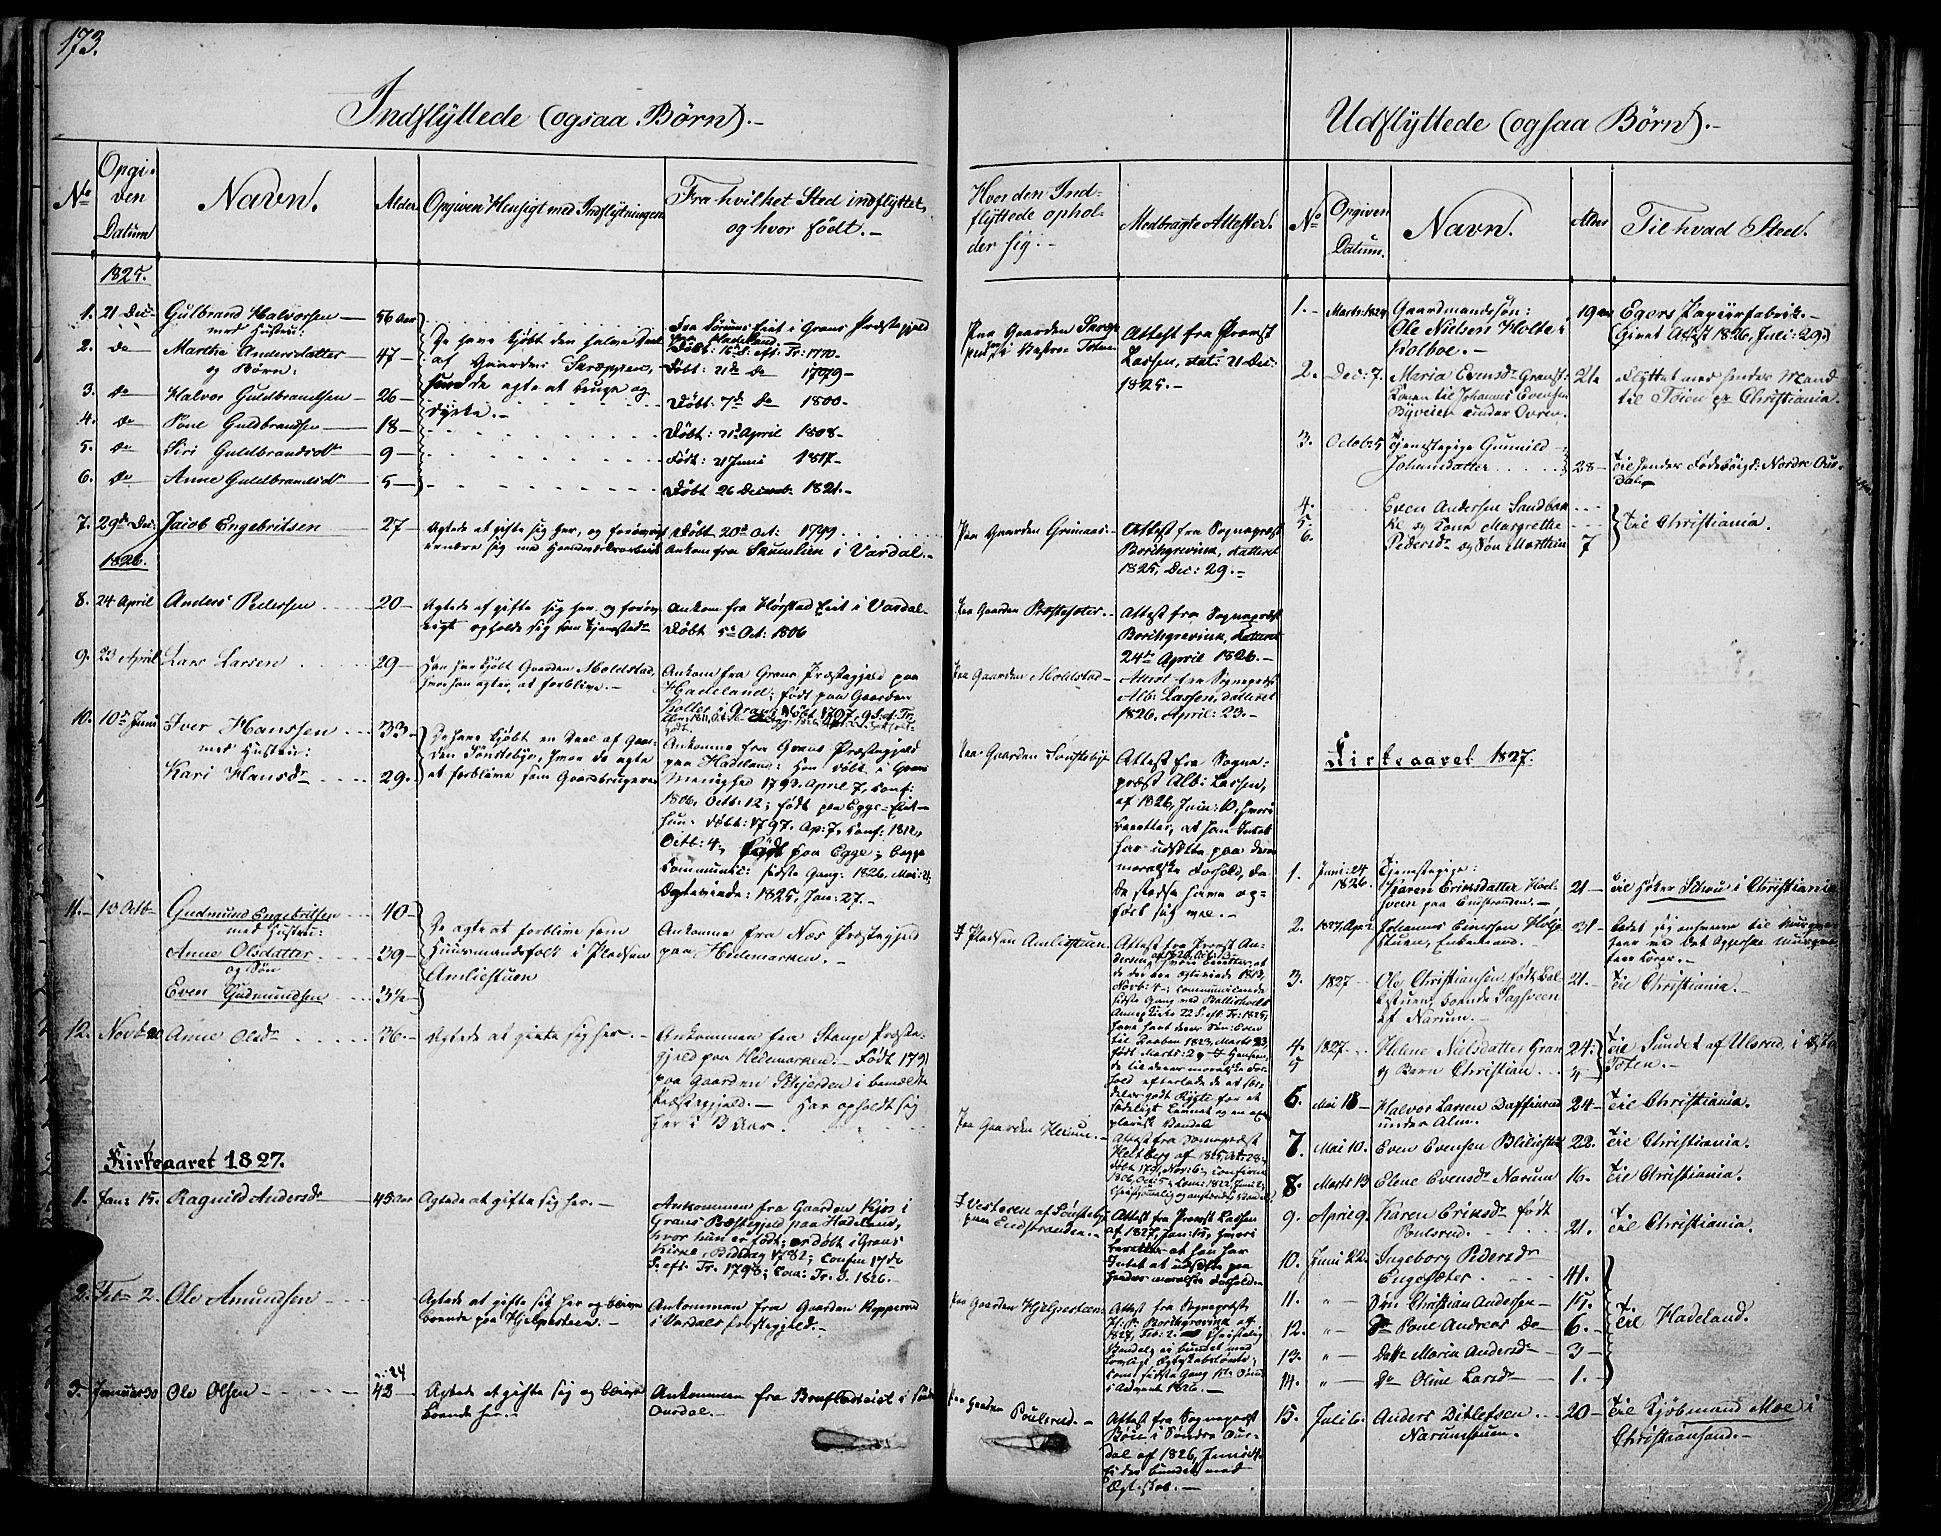 SAH, Vestre Toten prestekontor, Ministerialbok nr. 2, 1825-1837, s. 173